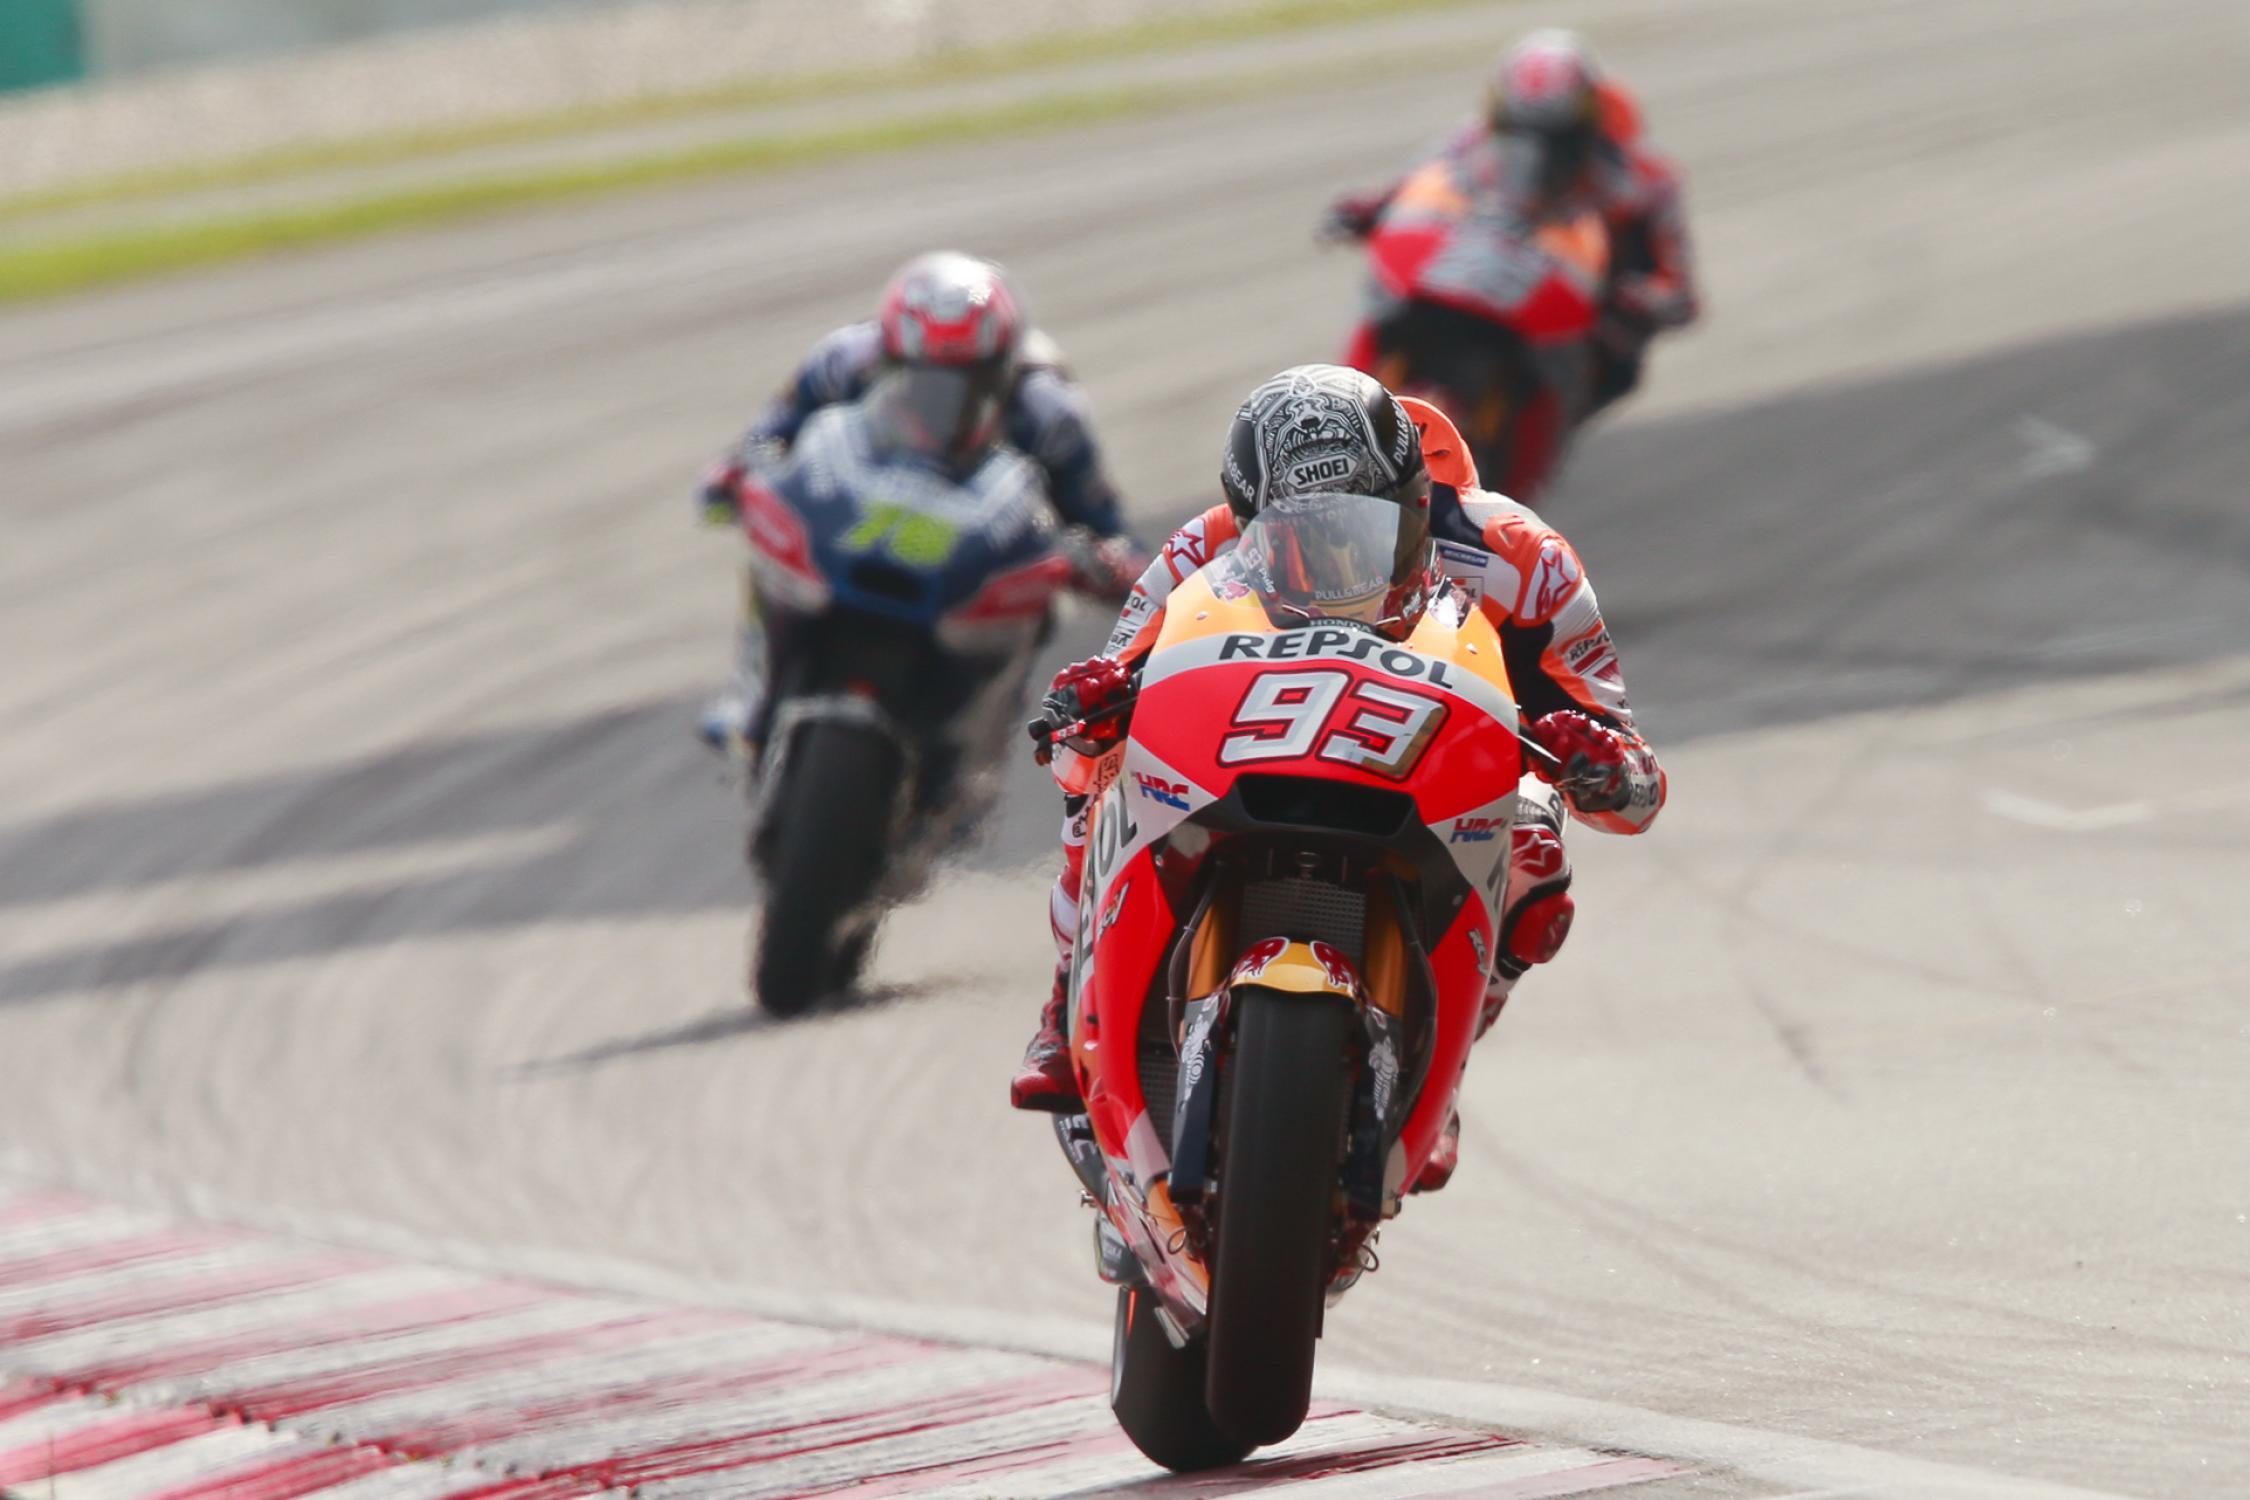 [MotoGP] Test Sepang _gp_7337_e_0.gallery_full_top_fullscreen